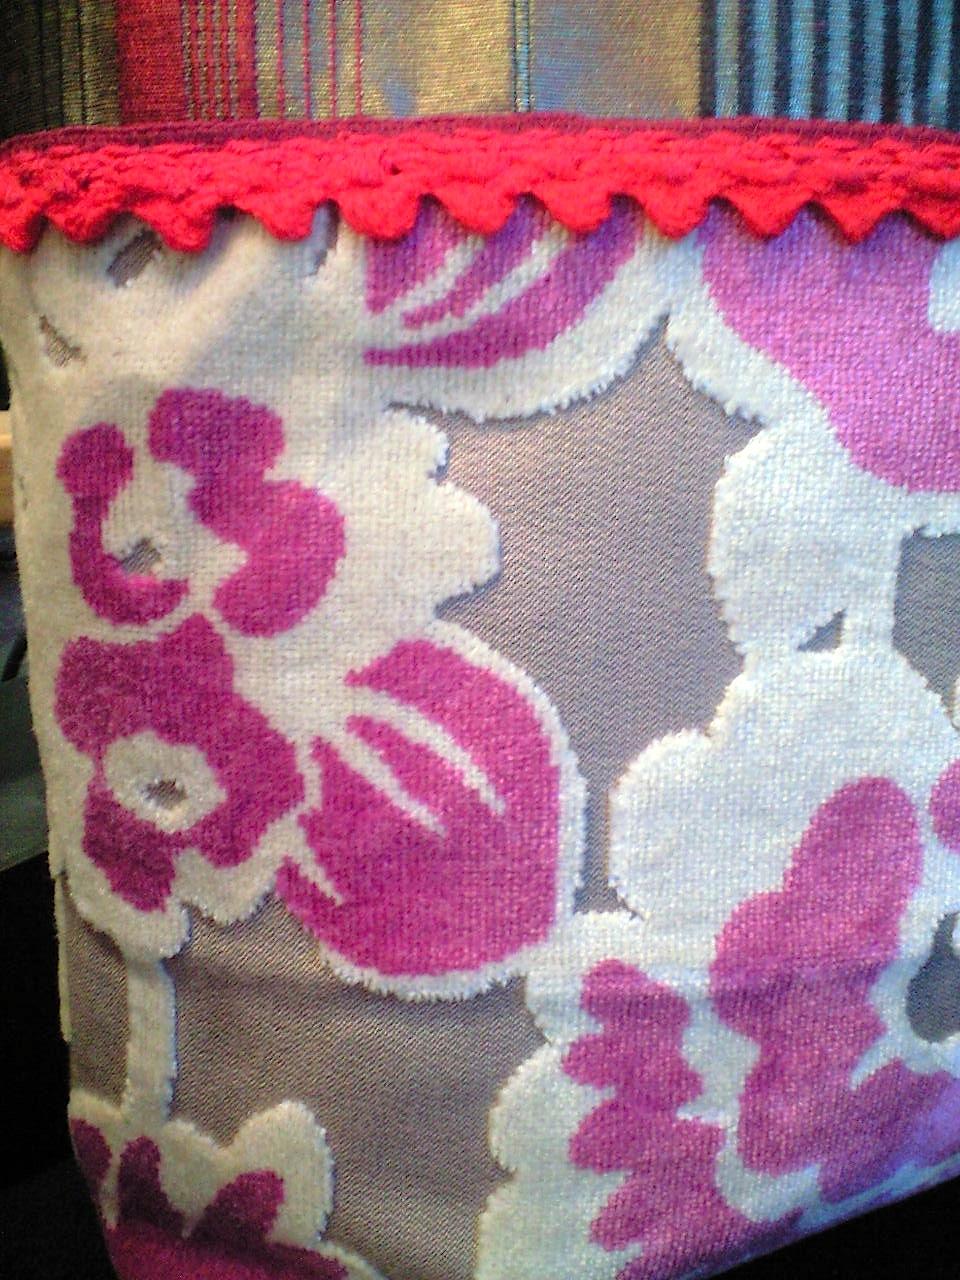 花柄ベルベットのバッグ『アイフィンガー』_c0157866_17352160.jpg